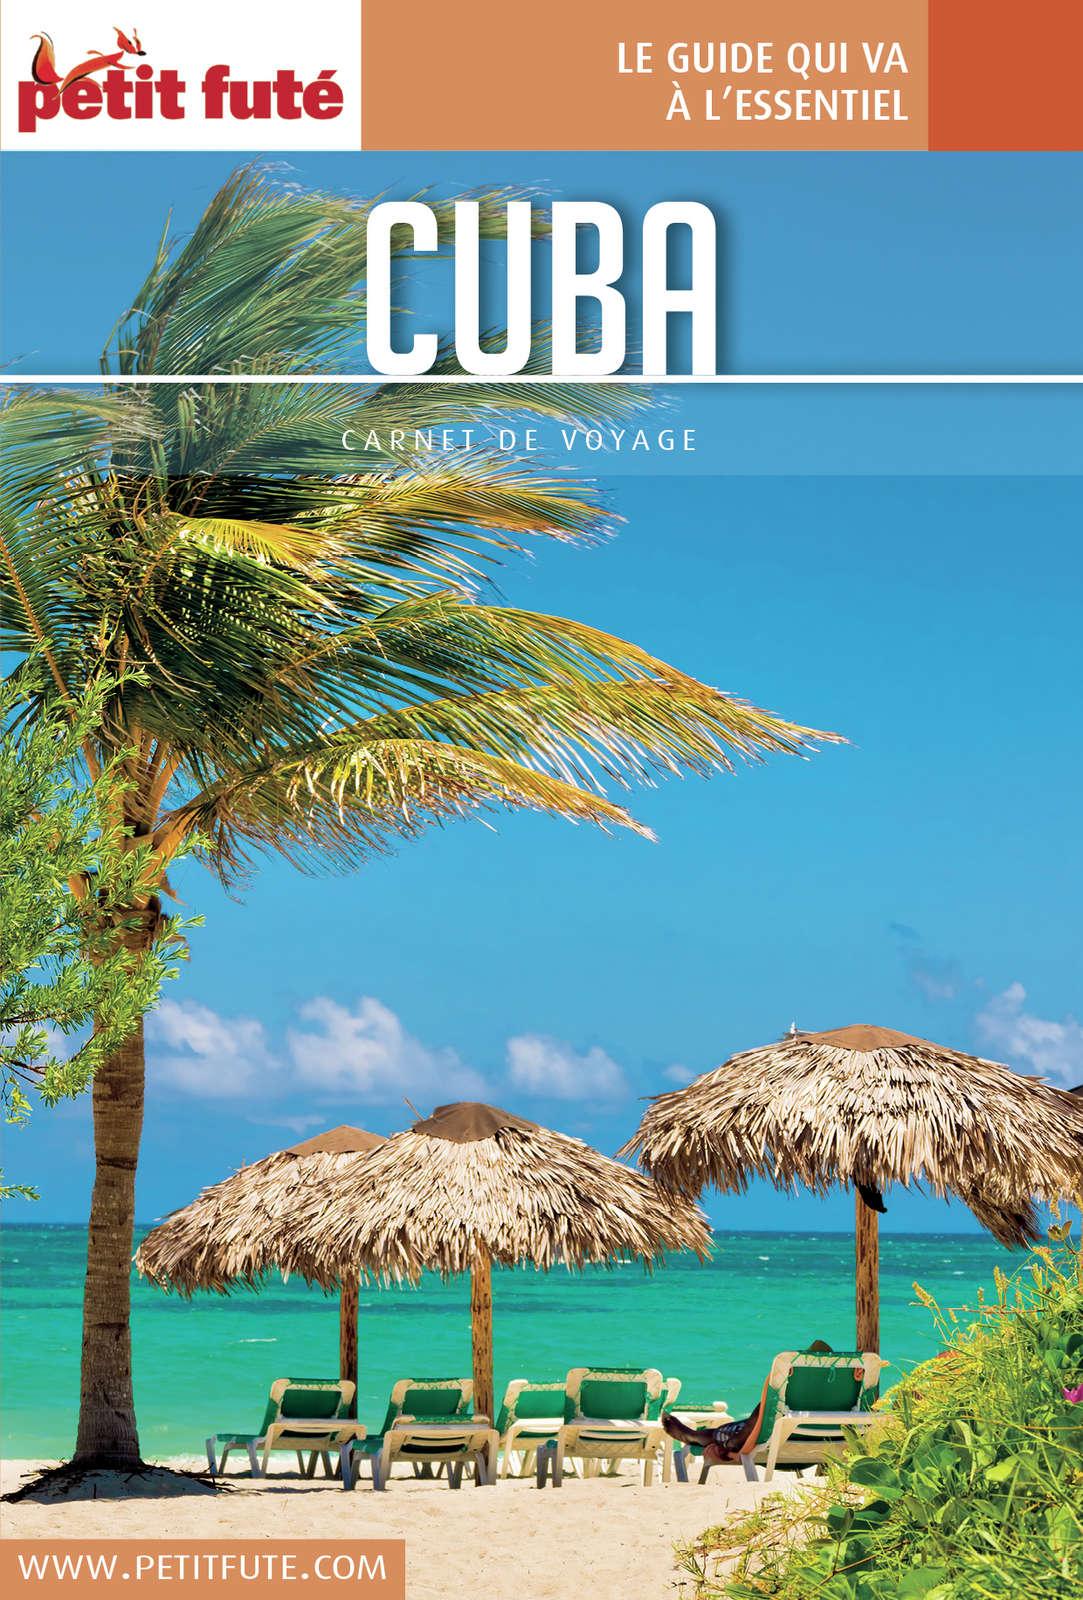 télécharger Carnet de voyage - Cuba 2016